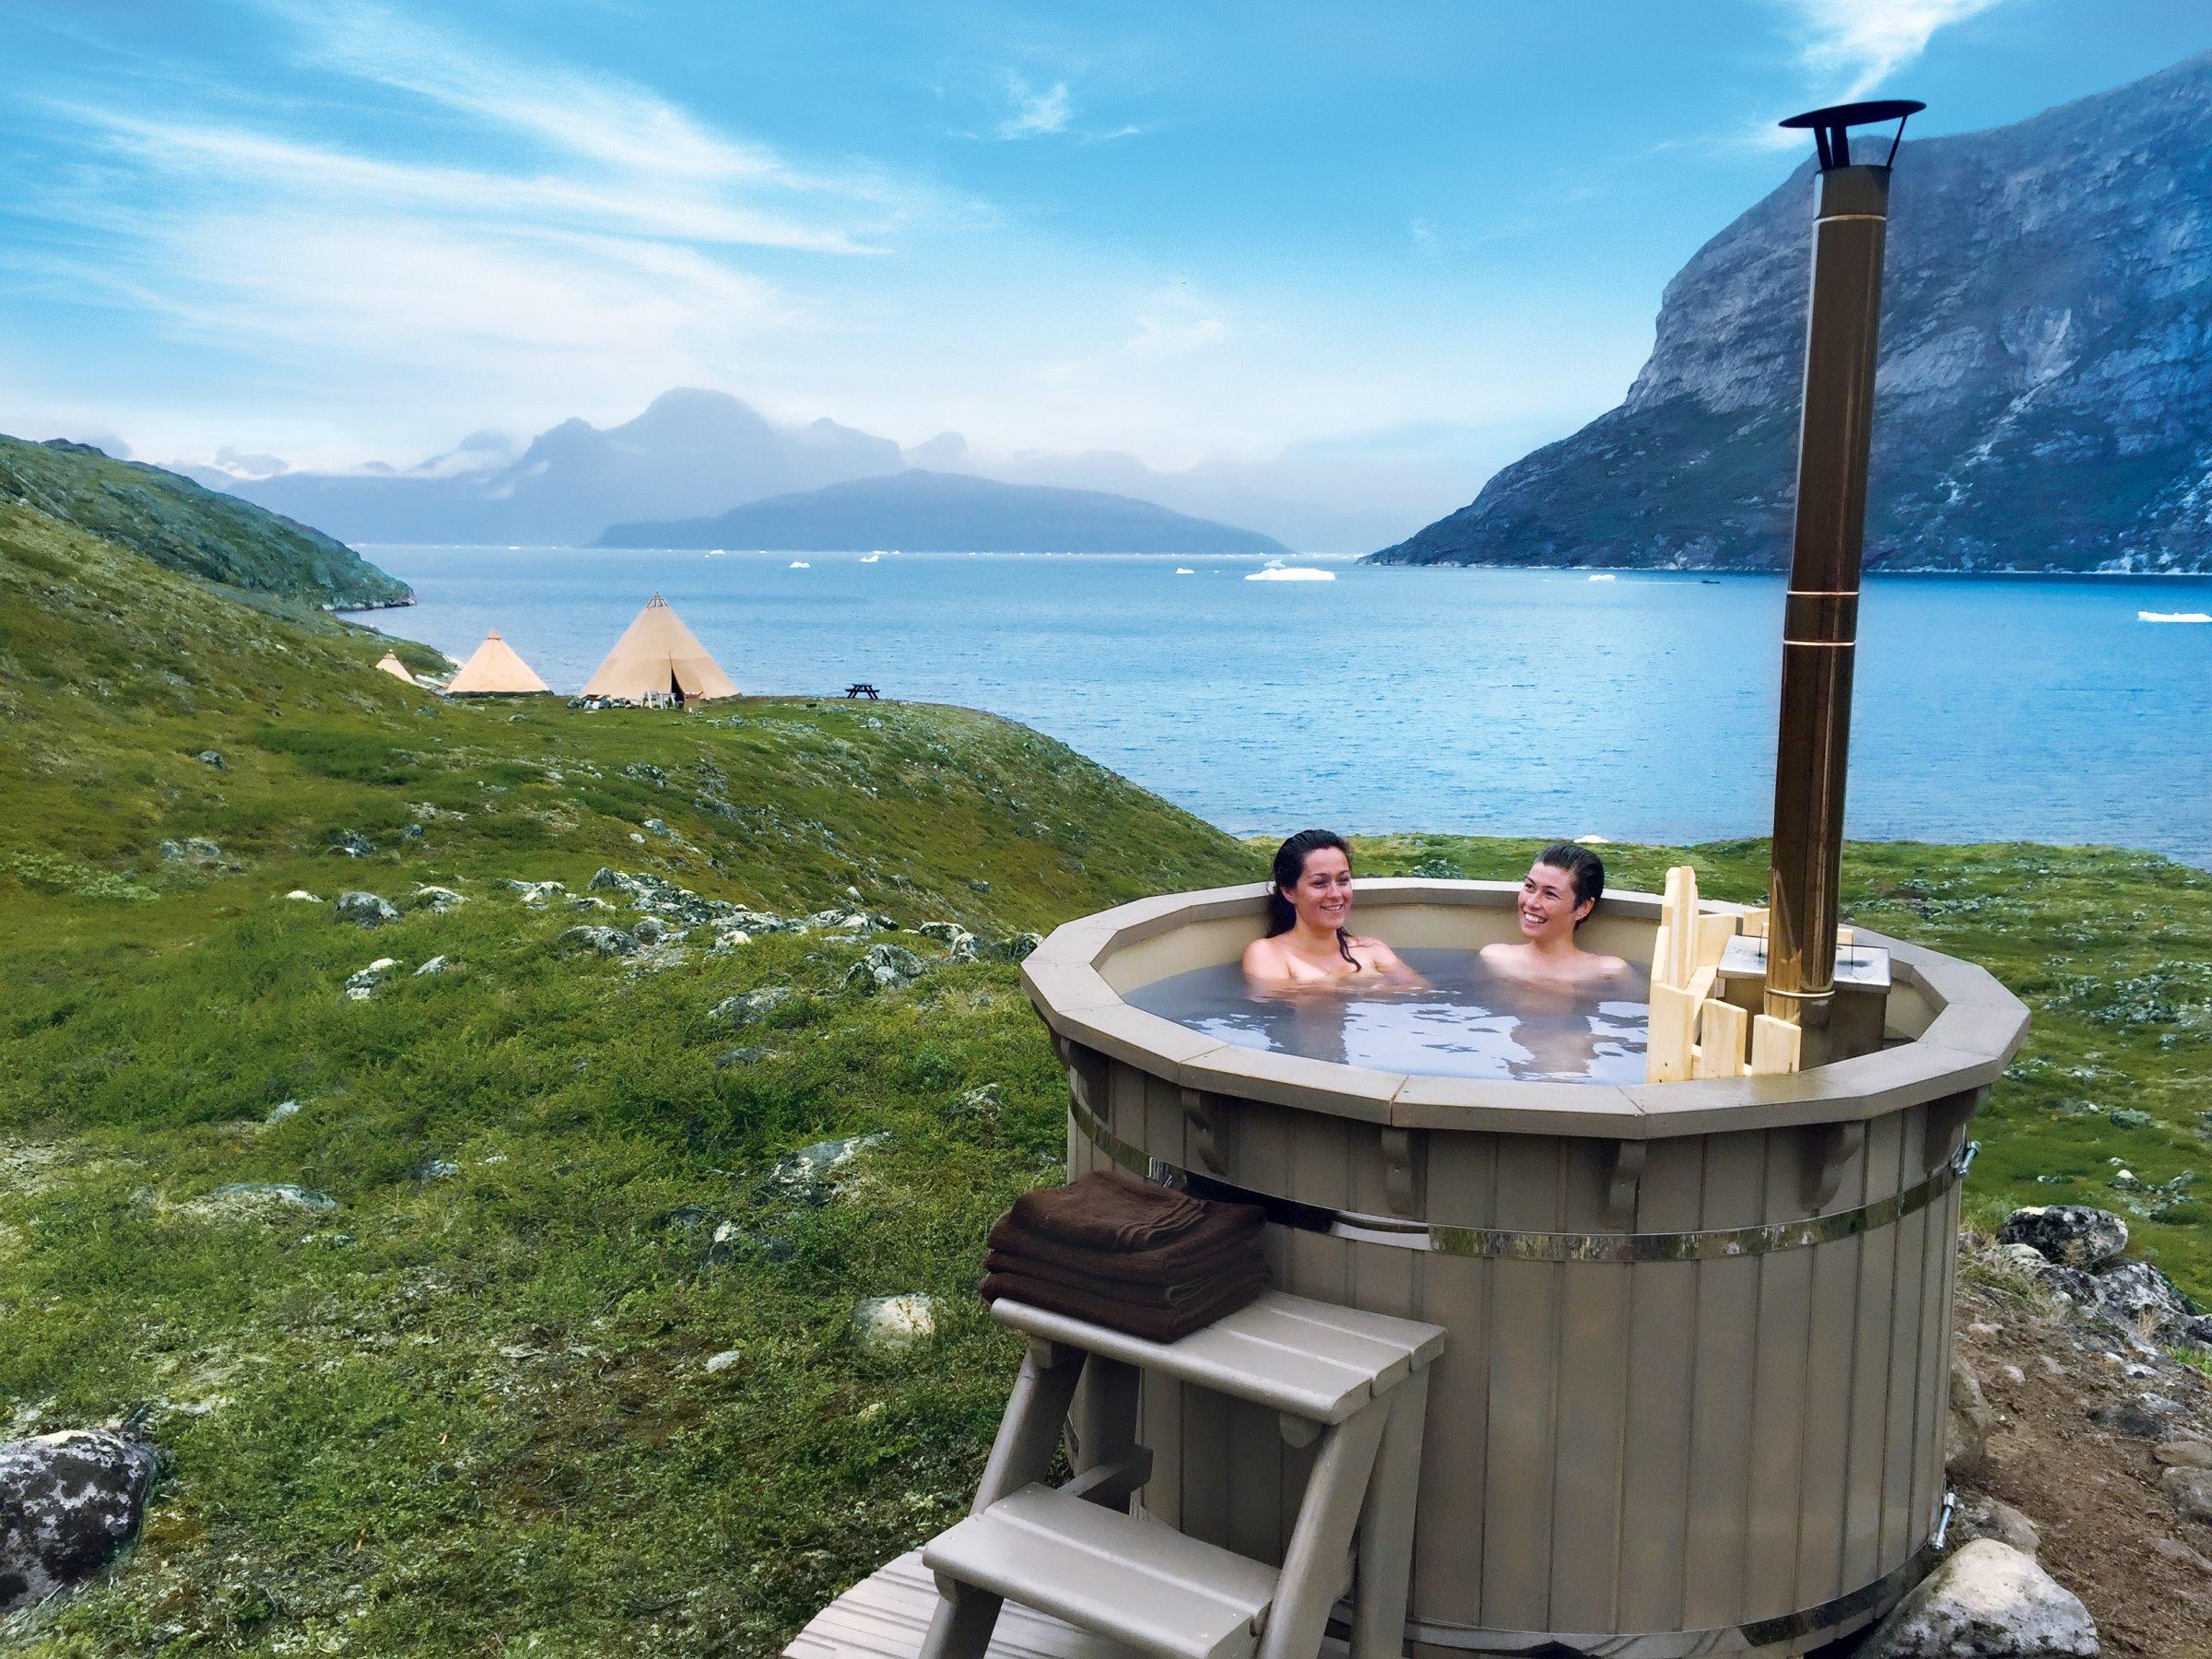 Der er kommet øget interesse mod Grønland efter præsident Trump tilsyneladende har tilkendegivet interesse i at købe verdens største ø. Her er det luksuriøse Camp Kiattua i bunden af Nuup Kangerlua (Godthåbsfjorden). Foto: arctic-nomad.com